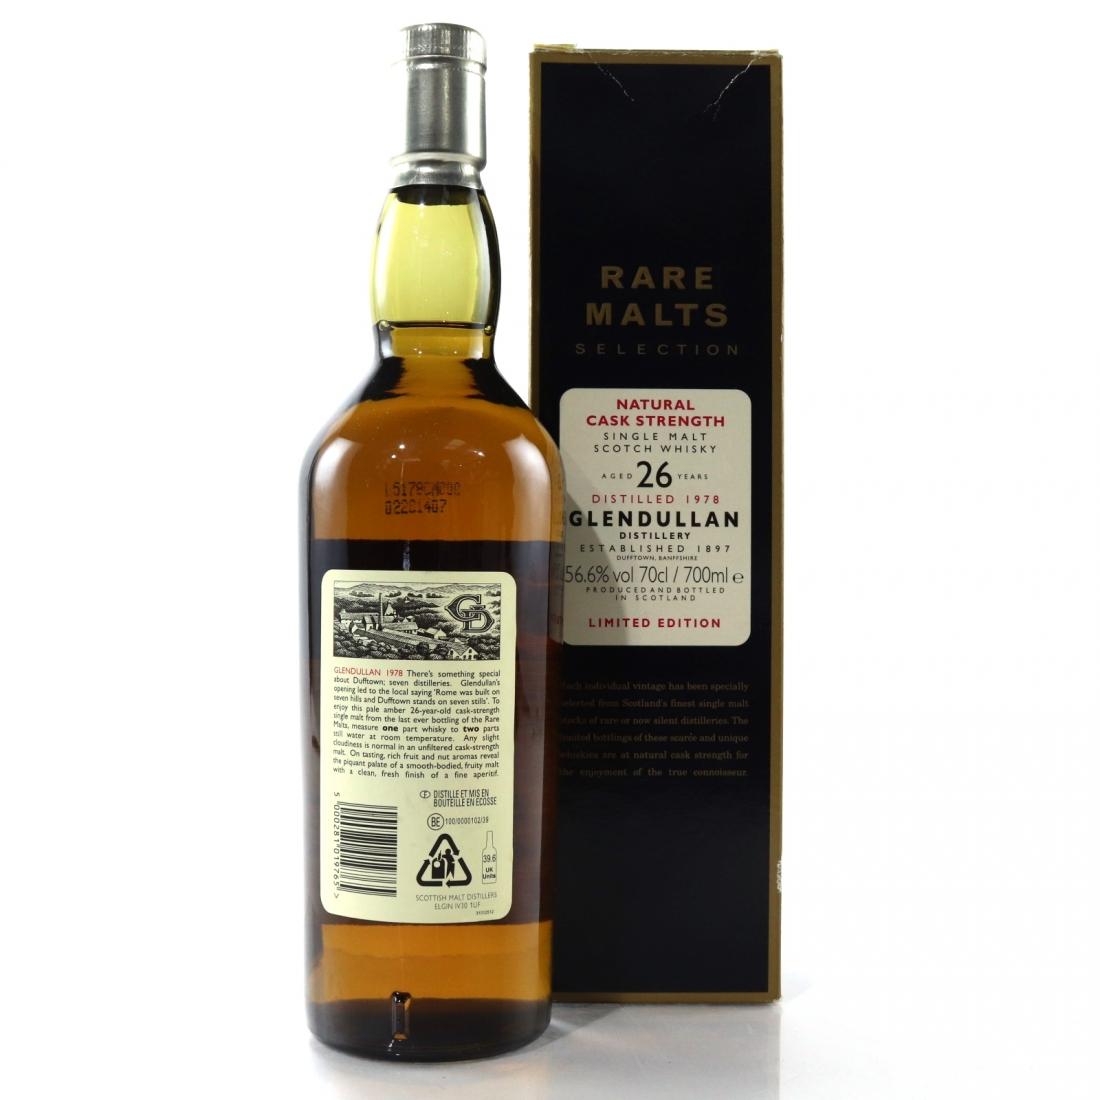 Glendullan 1978 Rare Malt 26 Year Old / 56.6%